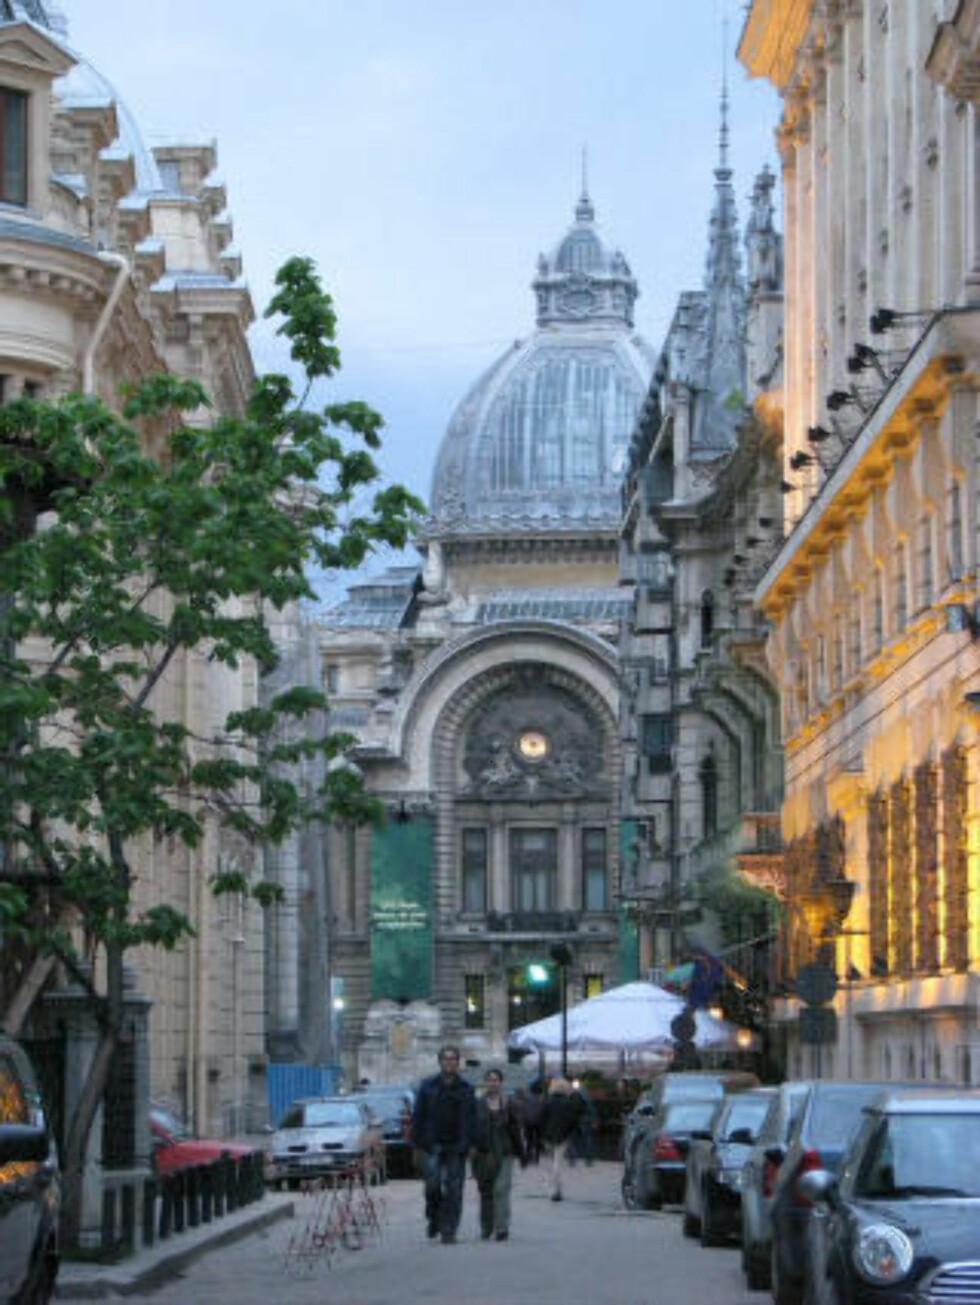 BUCURESTI: Byutviklerne hadde Paris som forbilde da i den rumenske hovedstaden vokste for alvor på 1800-tallet. Resultatet er storslåtte bulevarder og avenyer. Foto: ROMANIA TOURISM